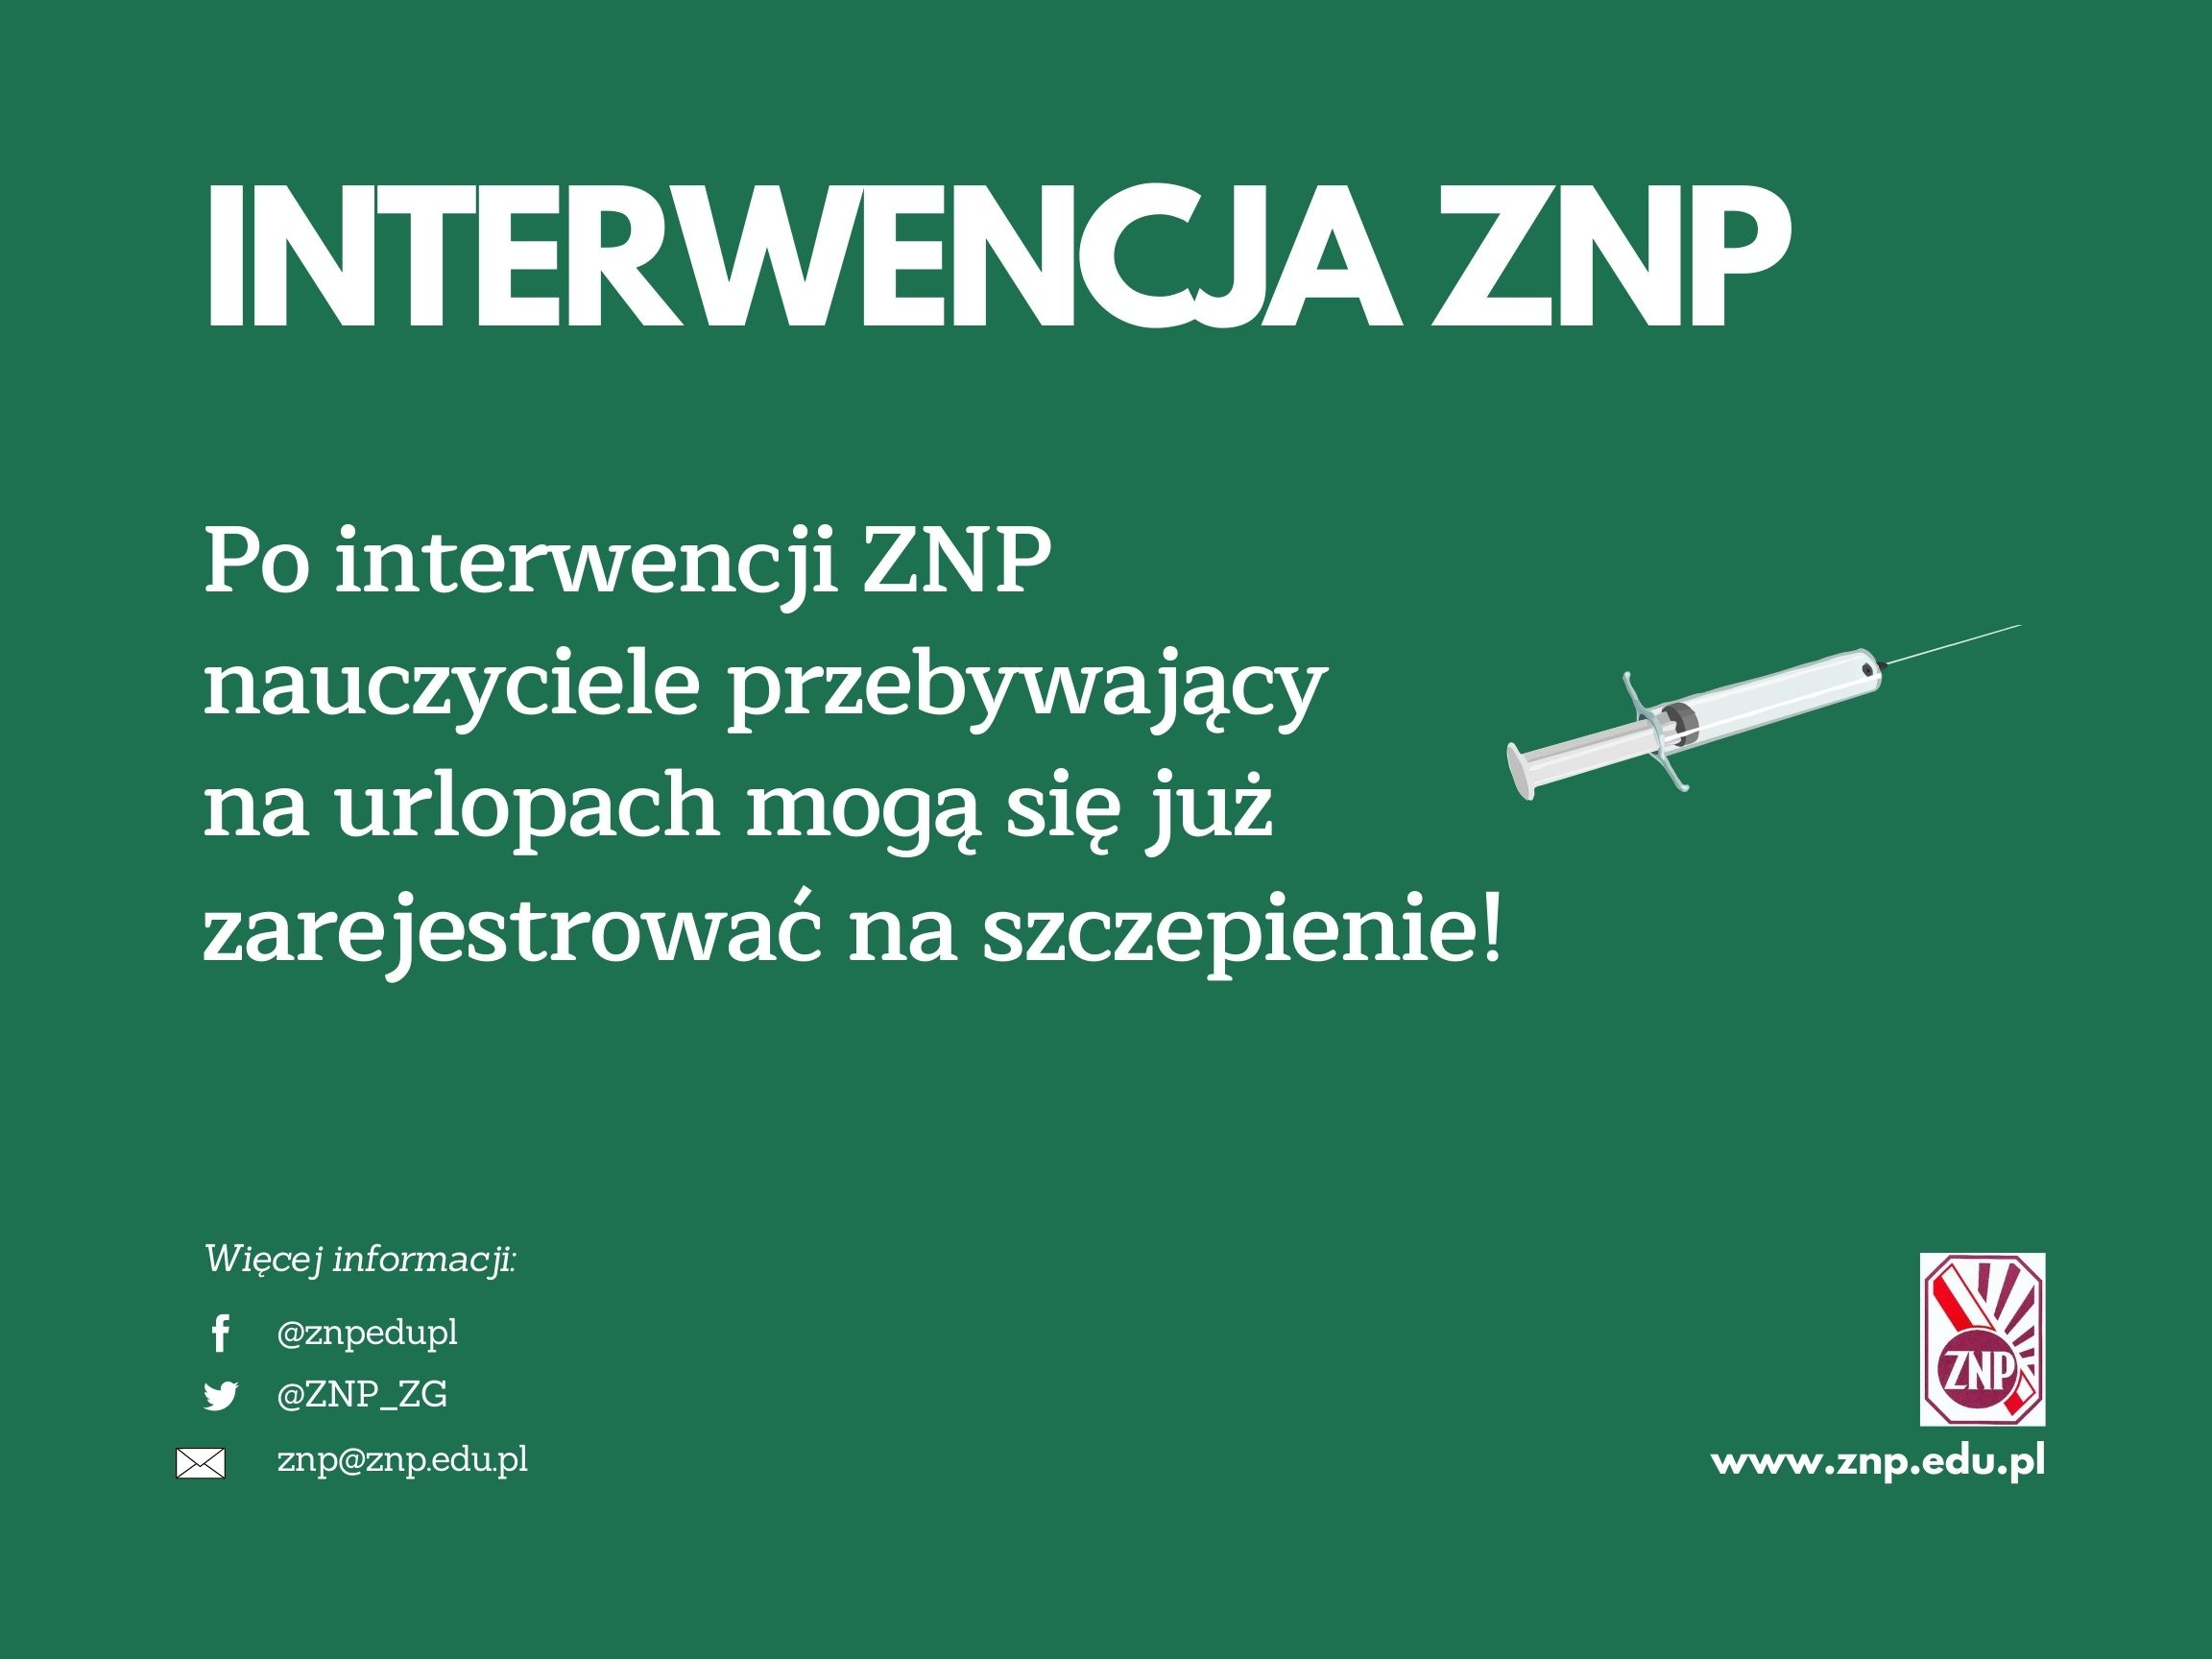 Szczepienia: Po interwencji ZNP ruszyła rejestracja nauczycieli na urlopach!